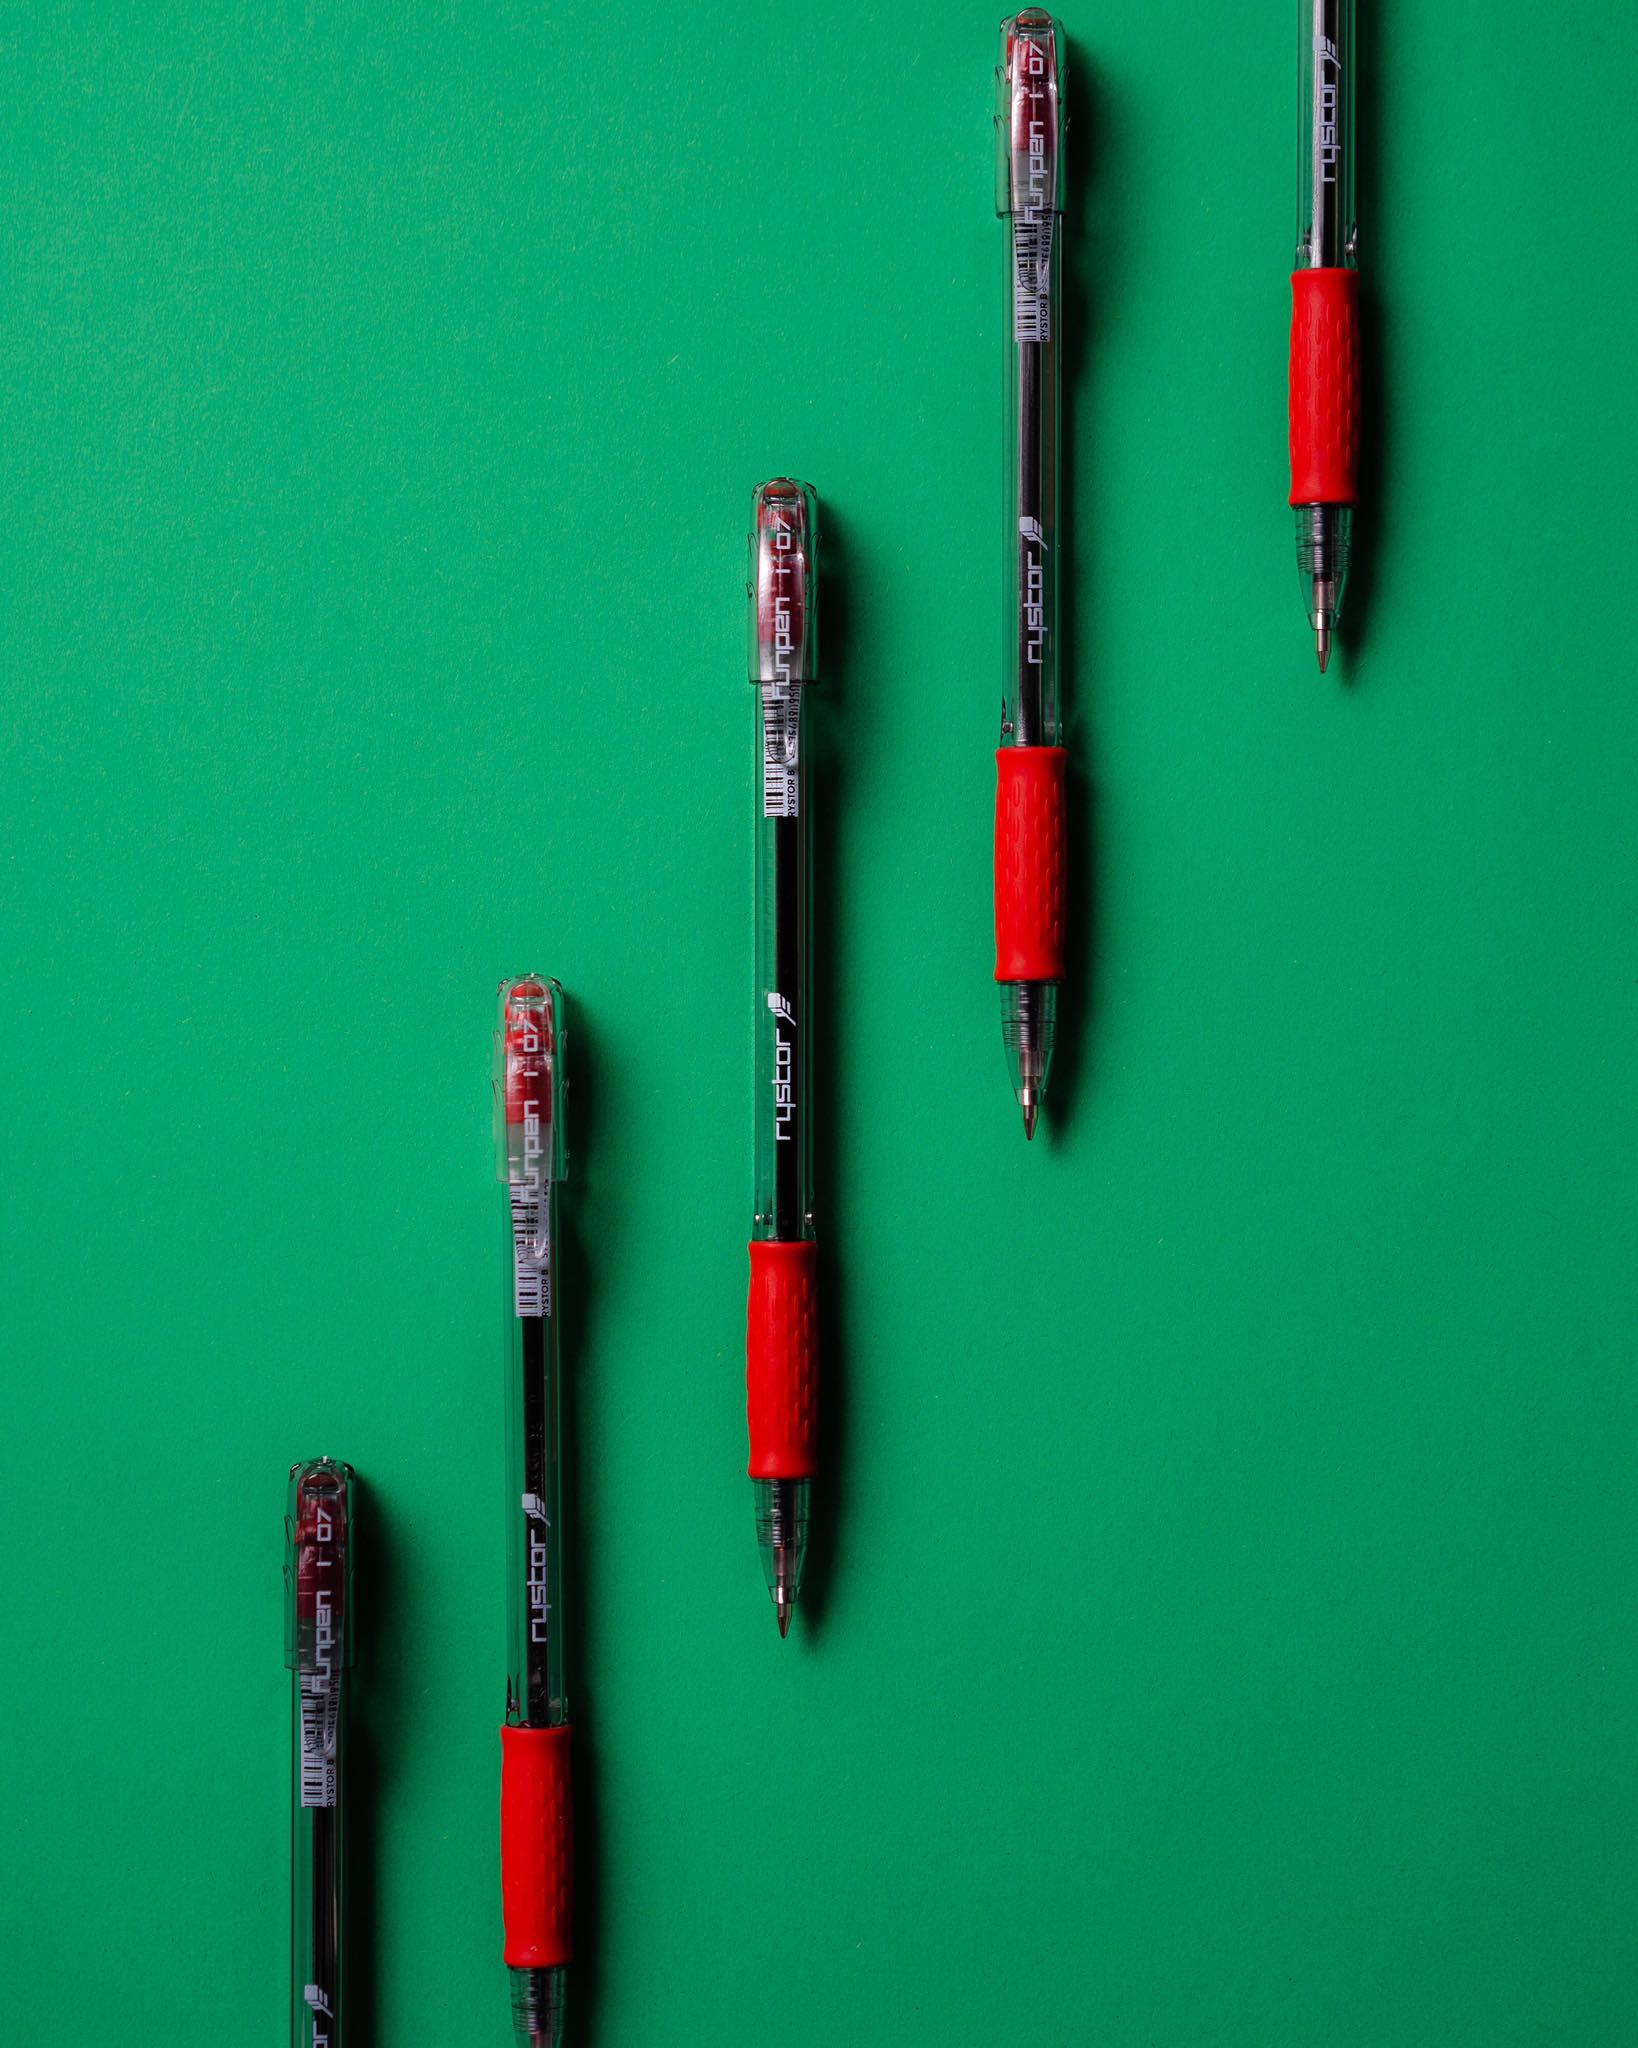 Fun Pen